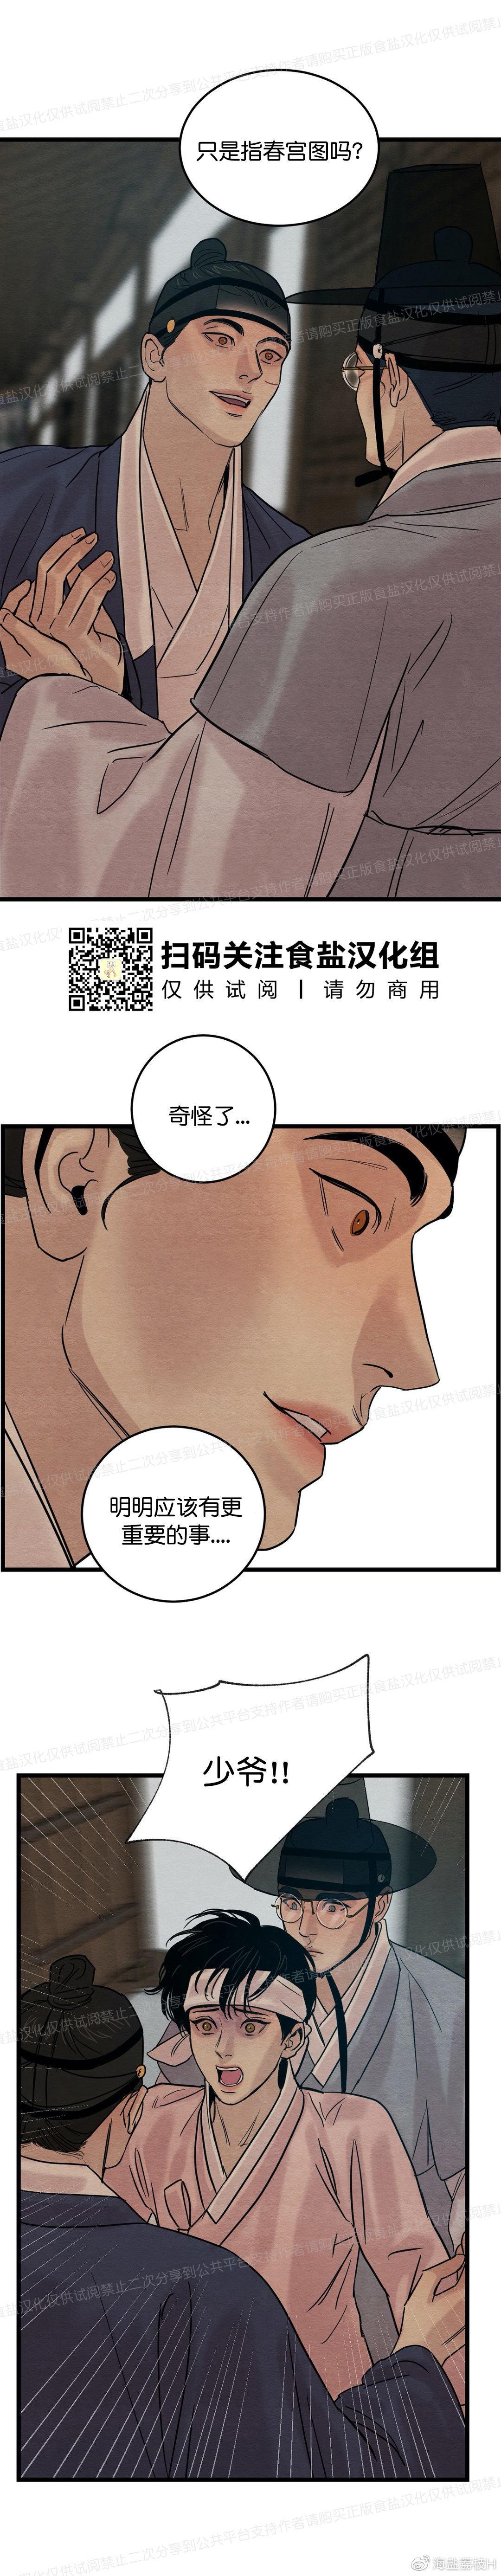 野画集第31话.